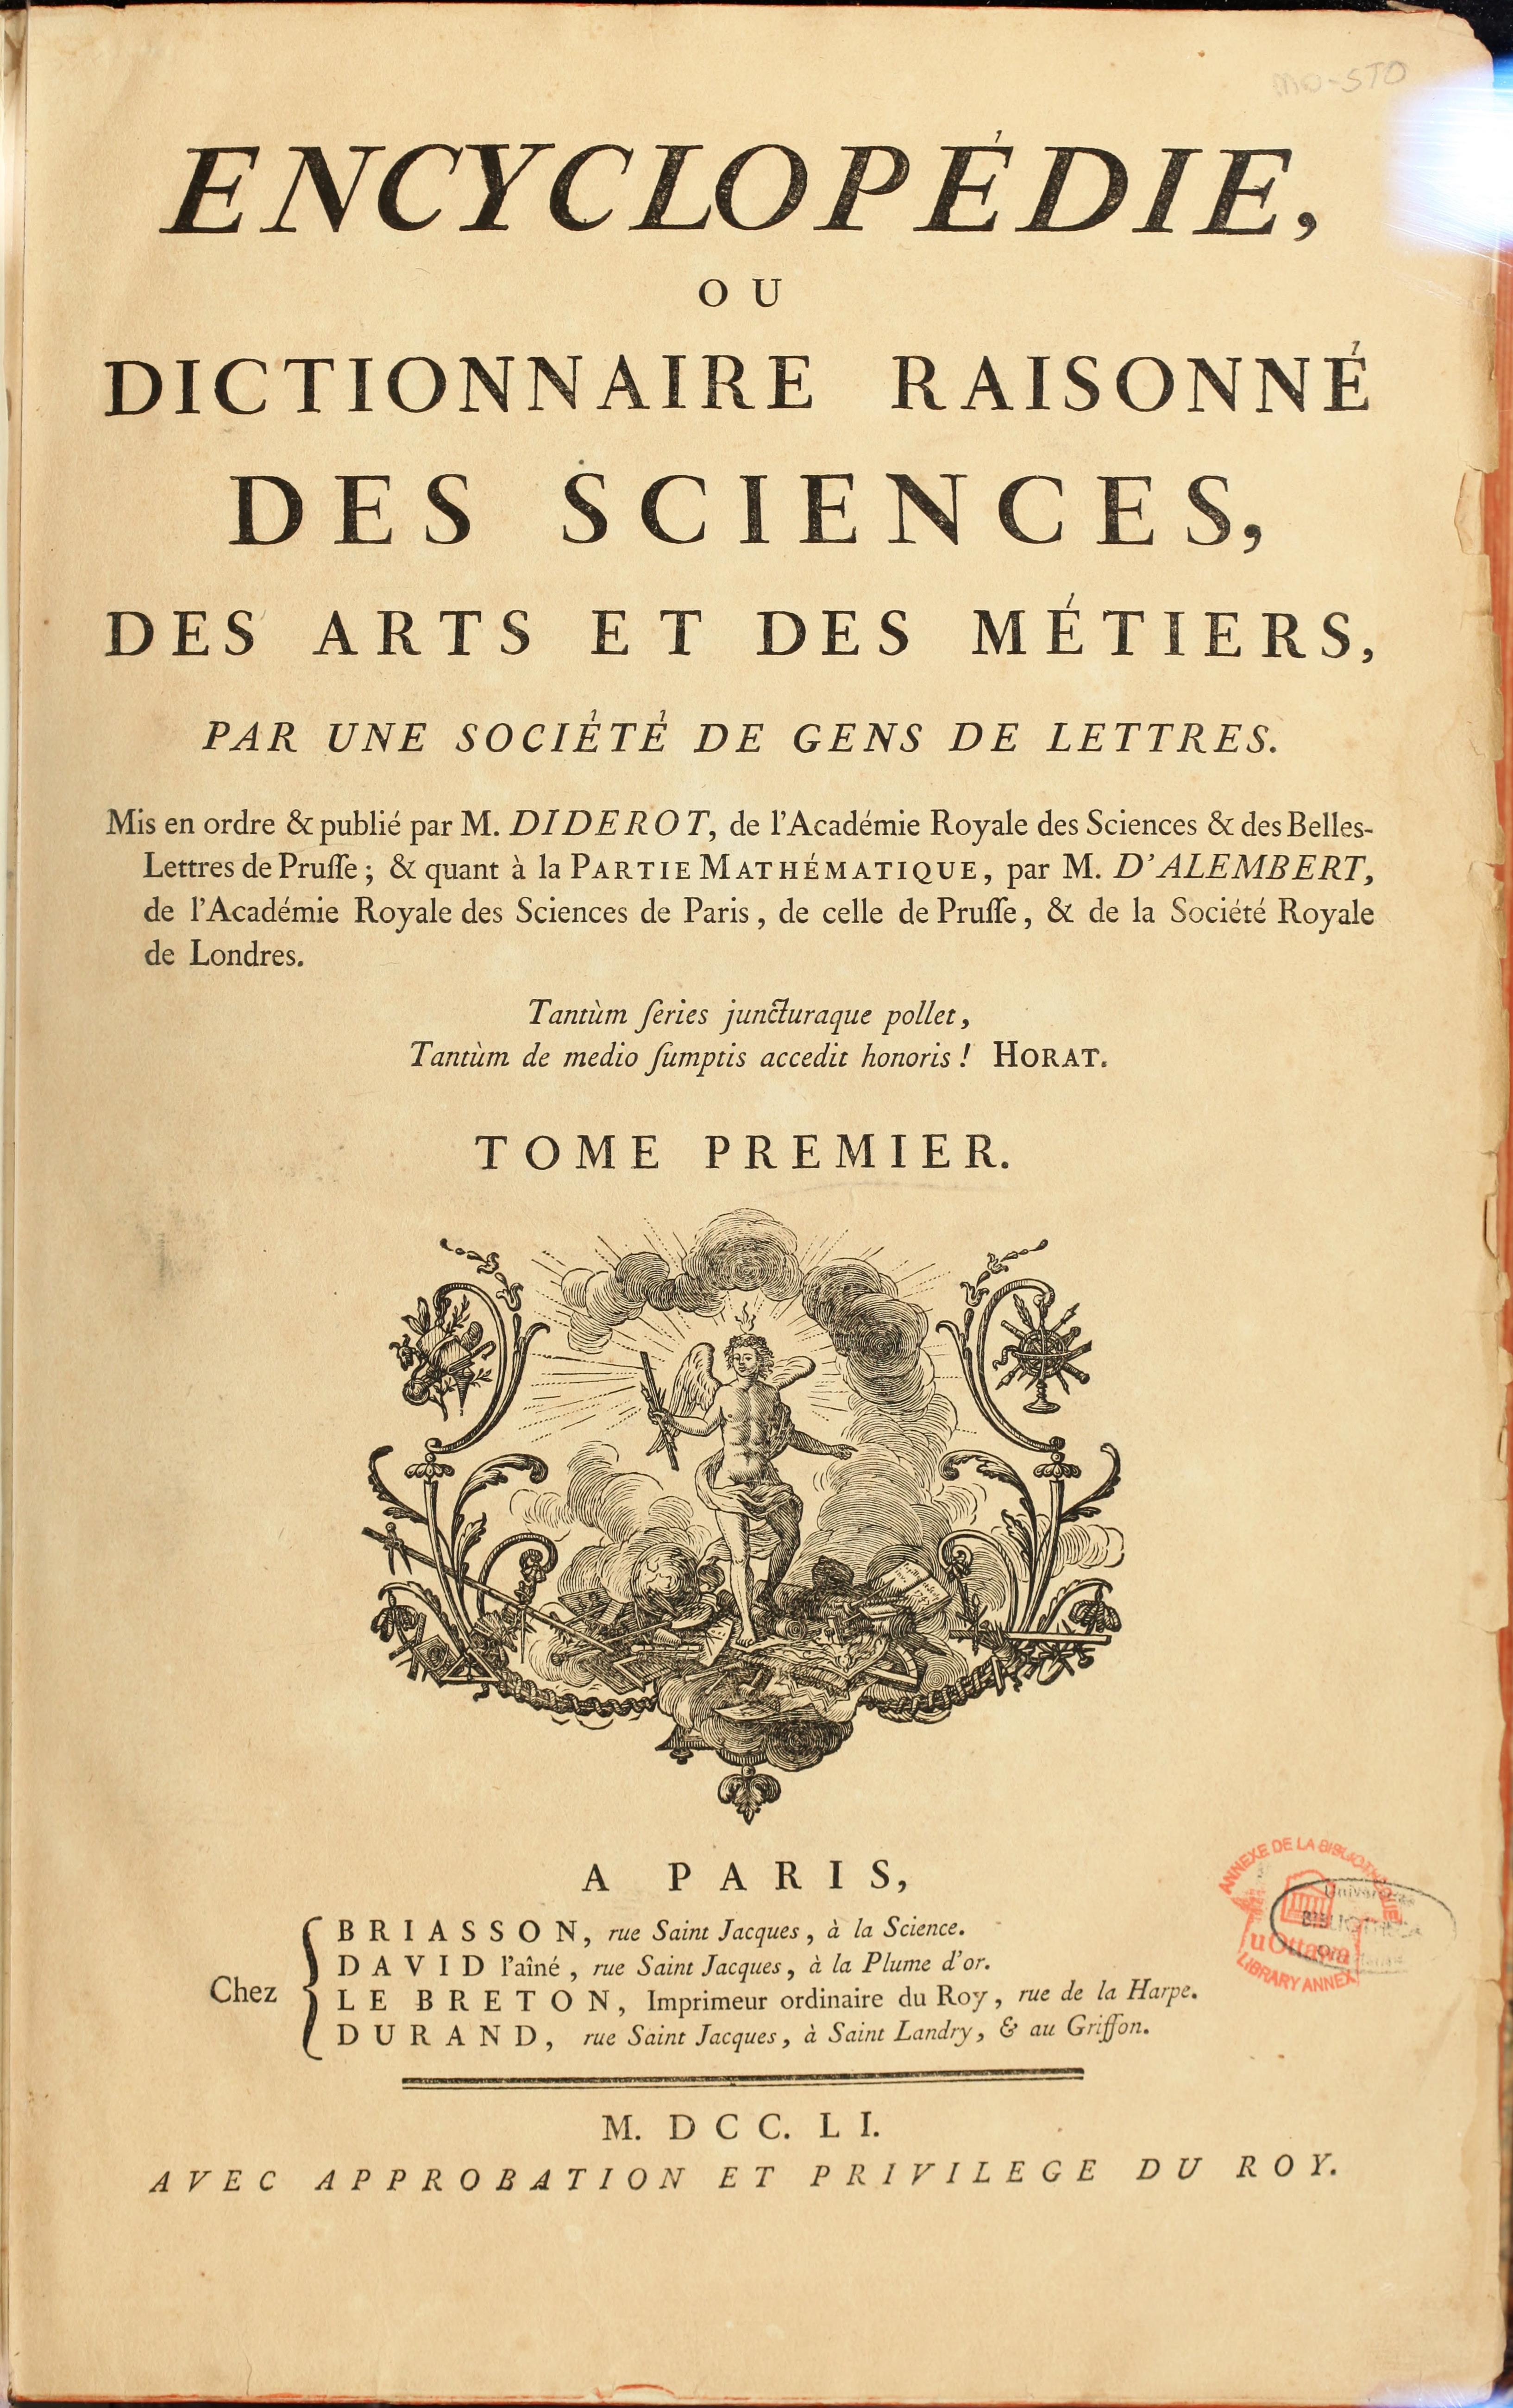 première page de l'Encyclopédie de Diderot et d'Alembert, oeuvre monumentale du siècle des Lumières